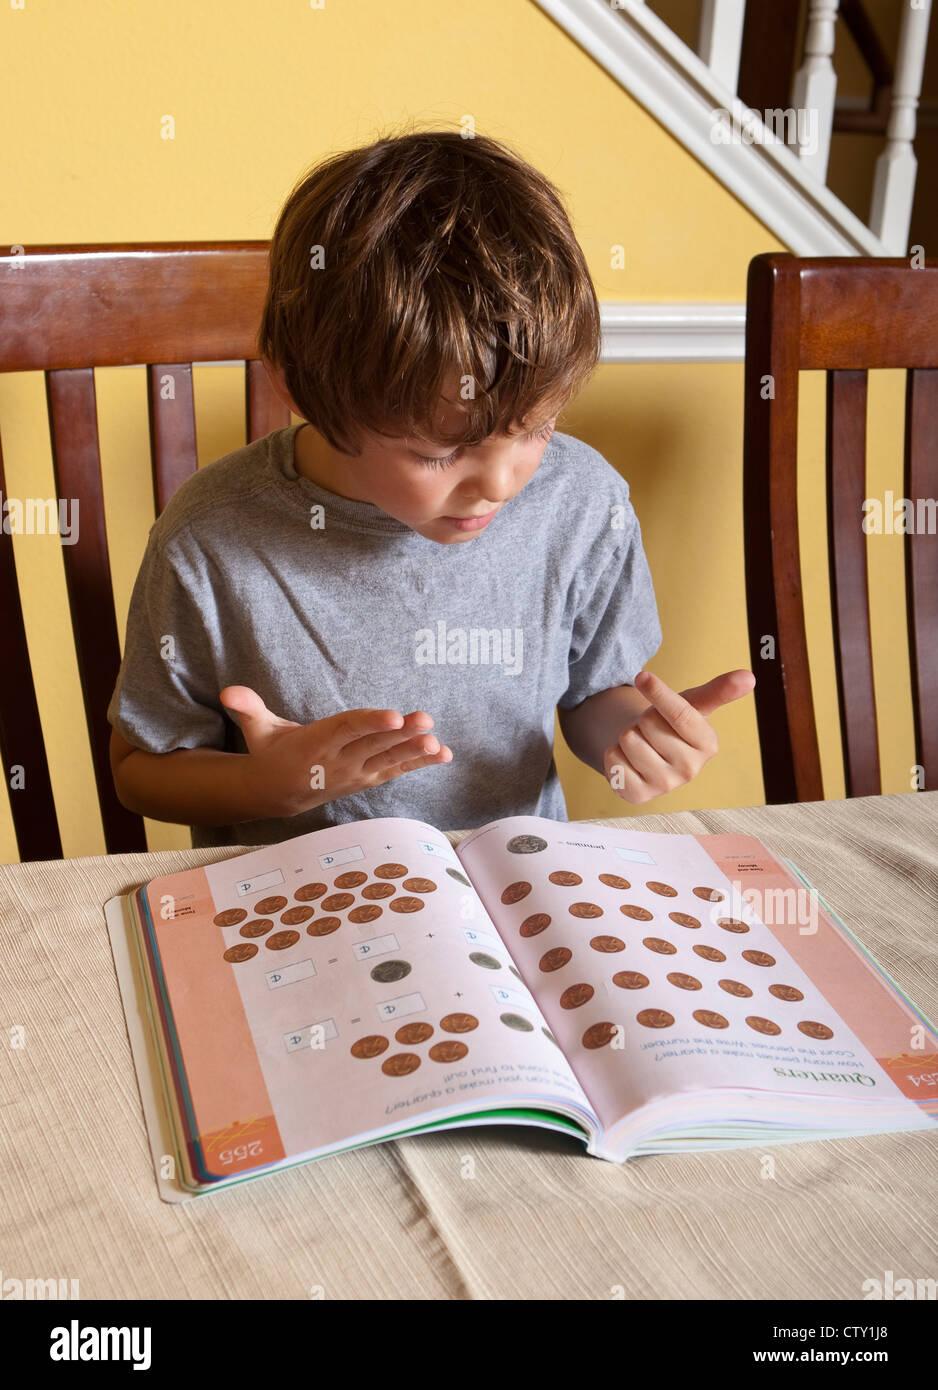 7 Jahre Alter mexikanisch-amerikanischen Grundschule Alter Junge hat ...